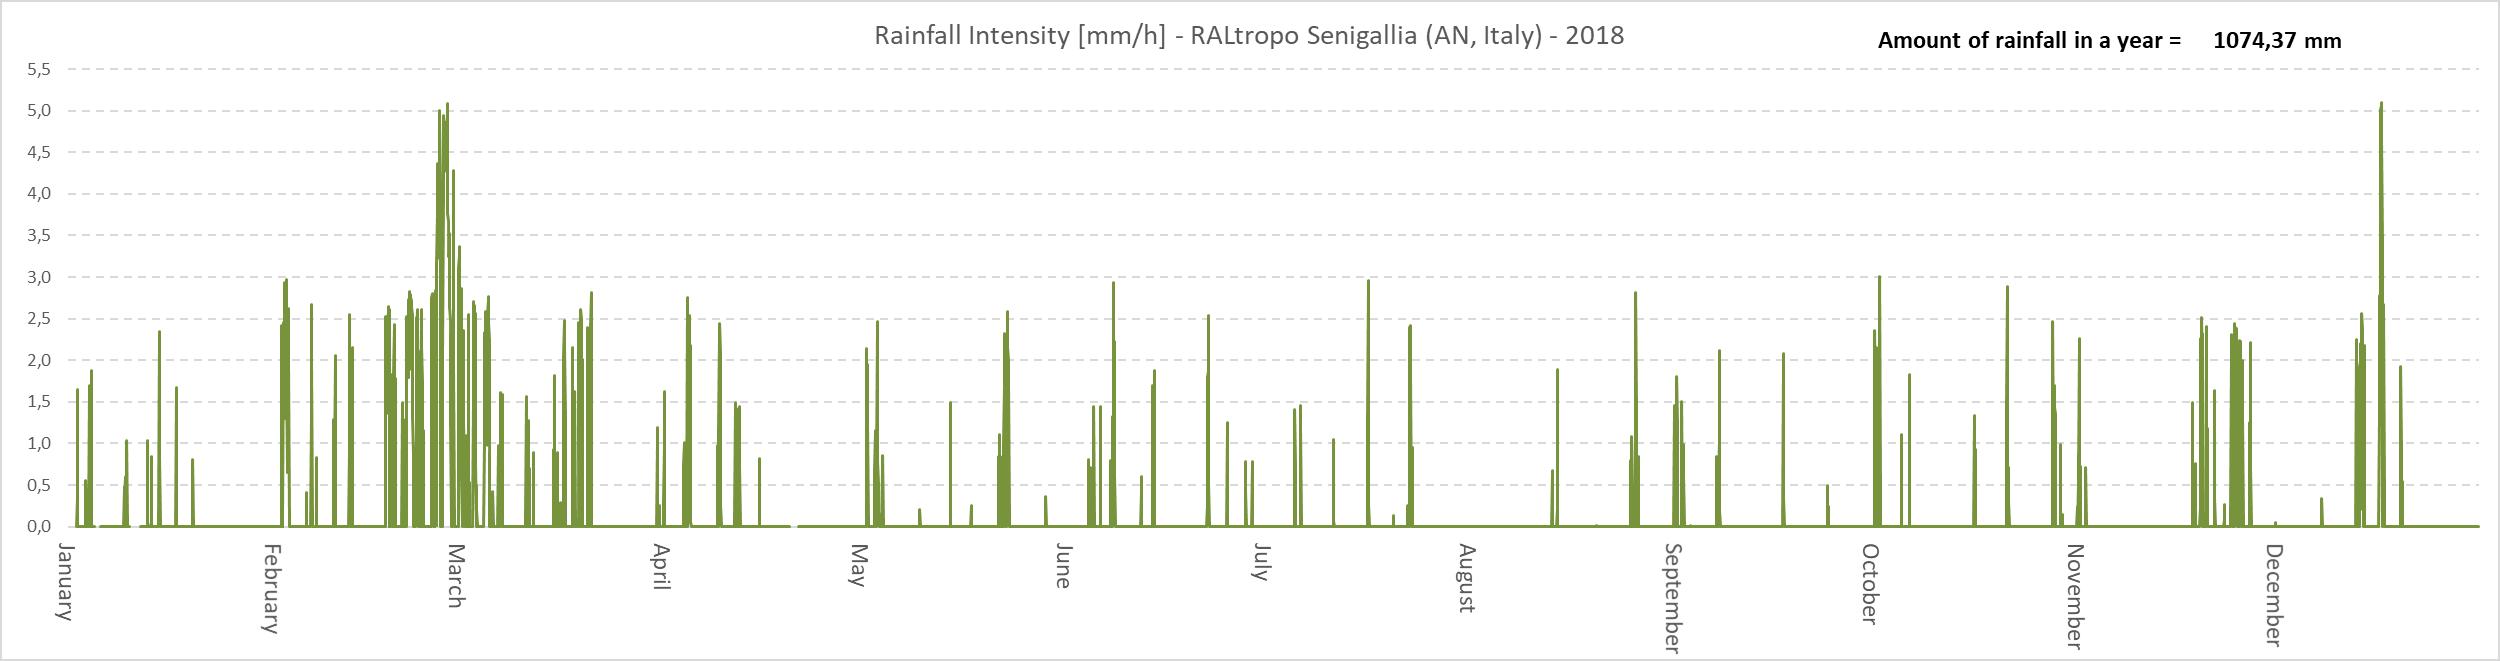 Stima della quantità di pioggia [mm/h] caduta nella località dove è installata la stazione, calcolata dalle misure radiometriche della temperatura di brillanza del cielo.